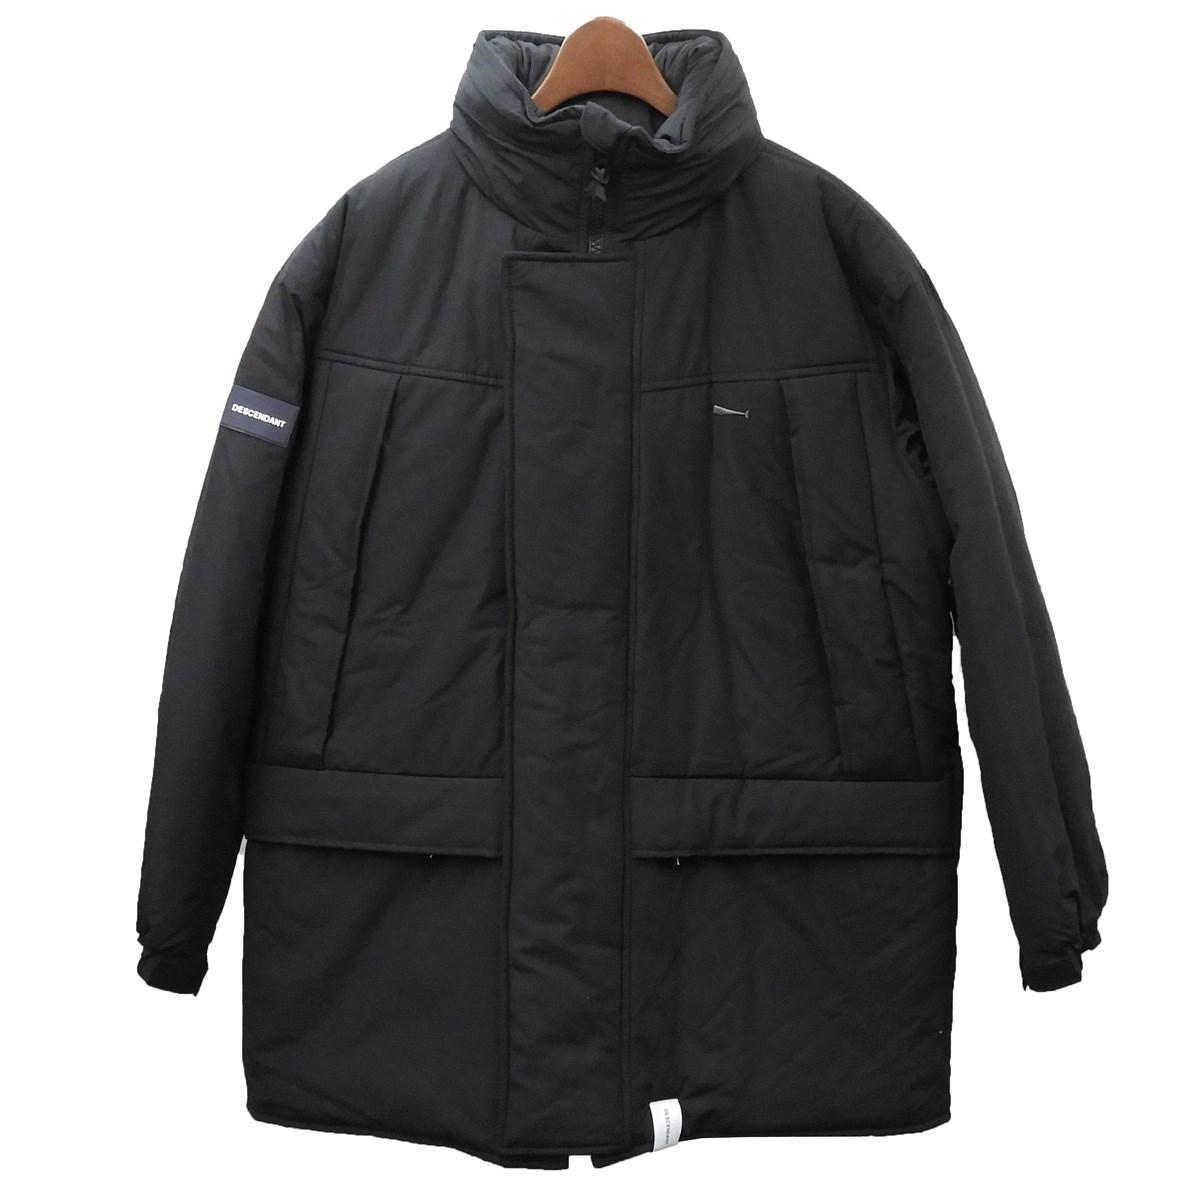 【中古】DESCENDANT 19AW 「ARCTIC PRIMALOFT JACKET」プリマロフトジャケット ブラック サイズ:1 【160220】(ディセンダント)